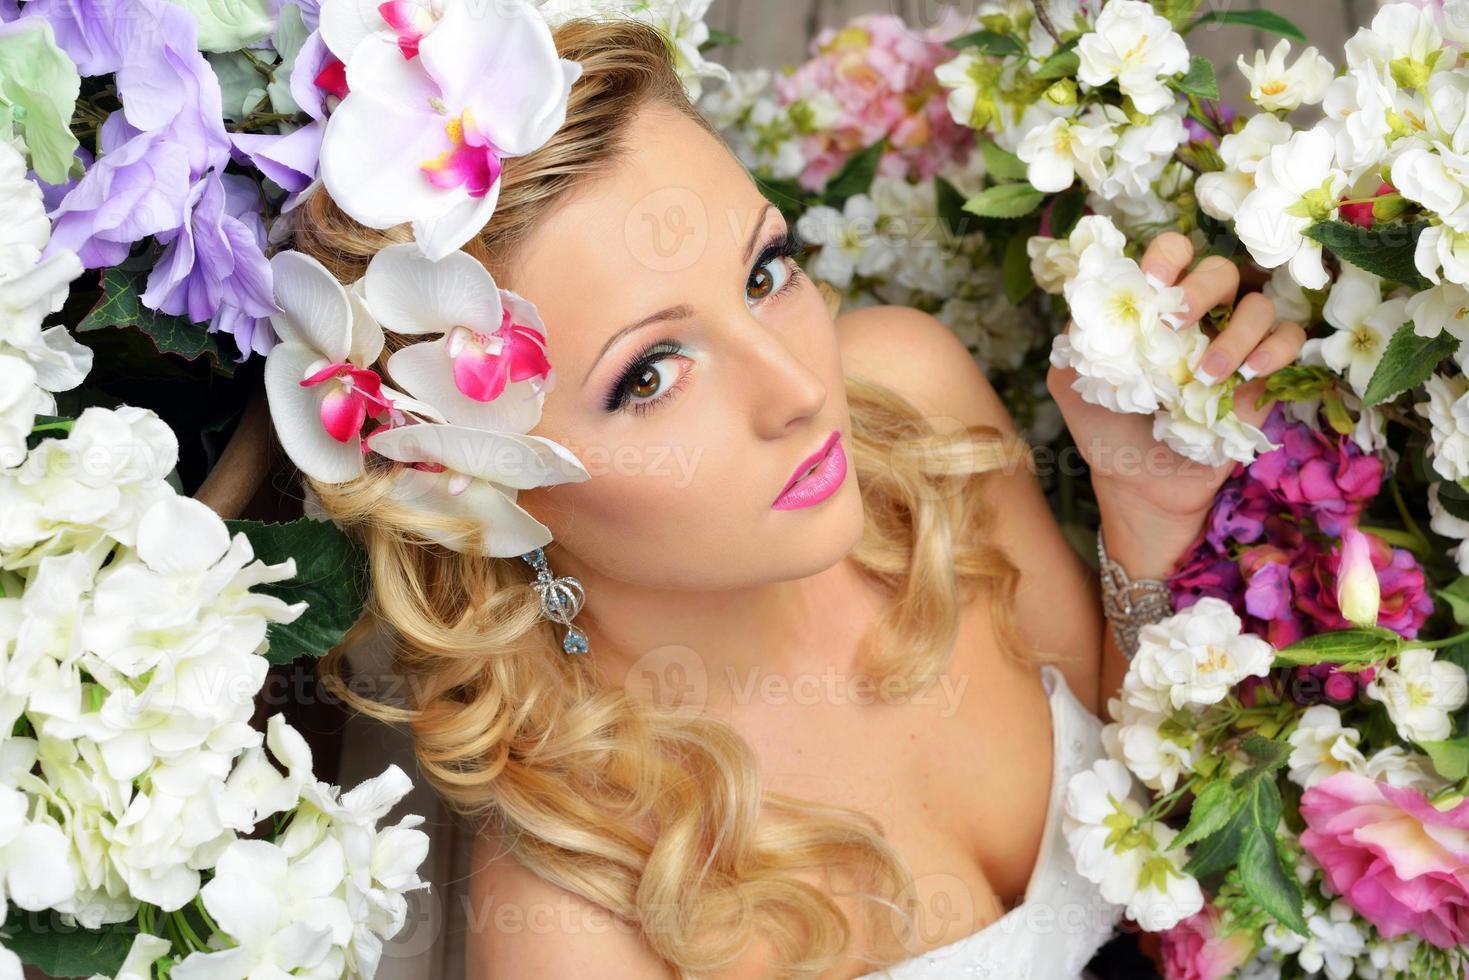 belle femme chic autour des fleurs. photo